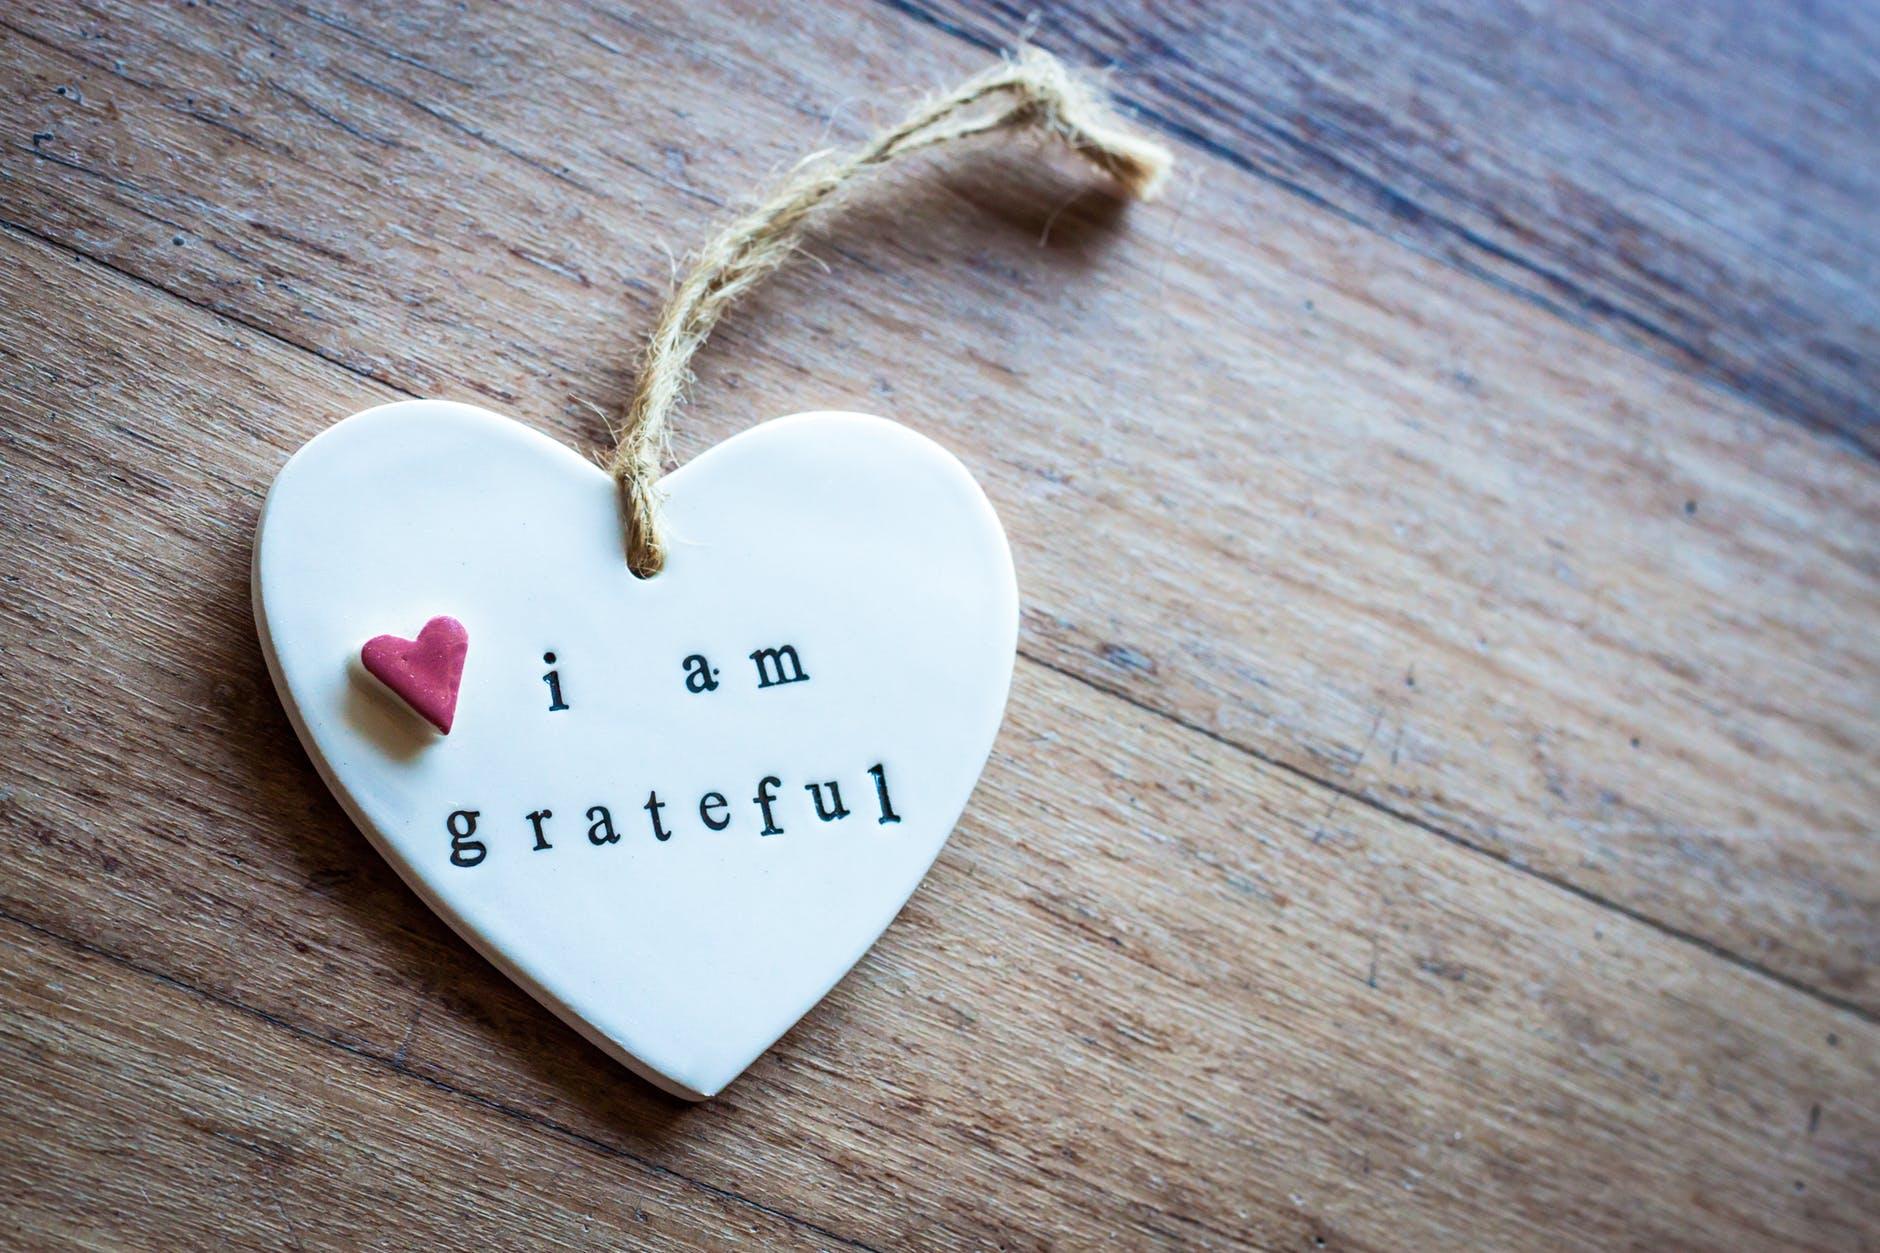 How to change negative money mindset towards abundance with a gratitude exercise - via www.monicabadiu.com #mindsetgrowth #mindsettips #newbiepreneur #gratitude #coaching